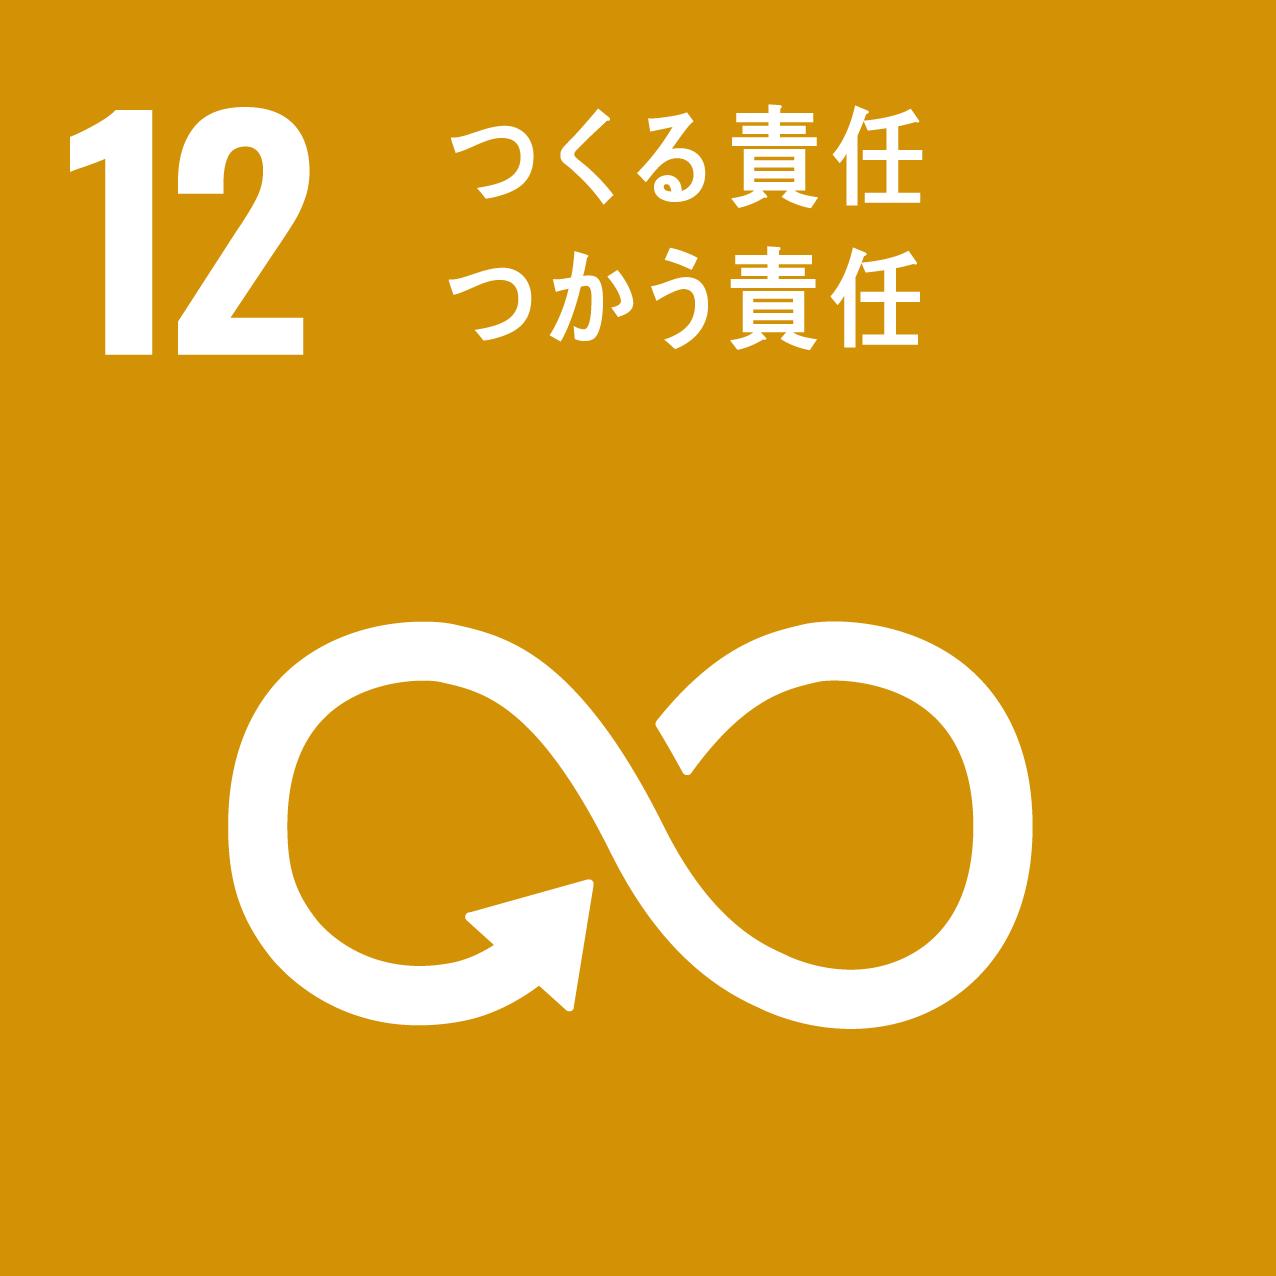 SDGs目標12:つくる責任つかう責任のアイコン